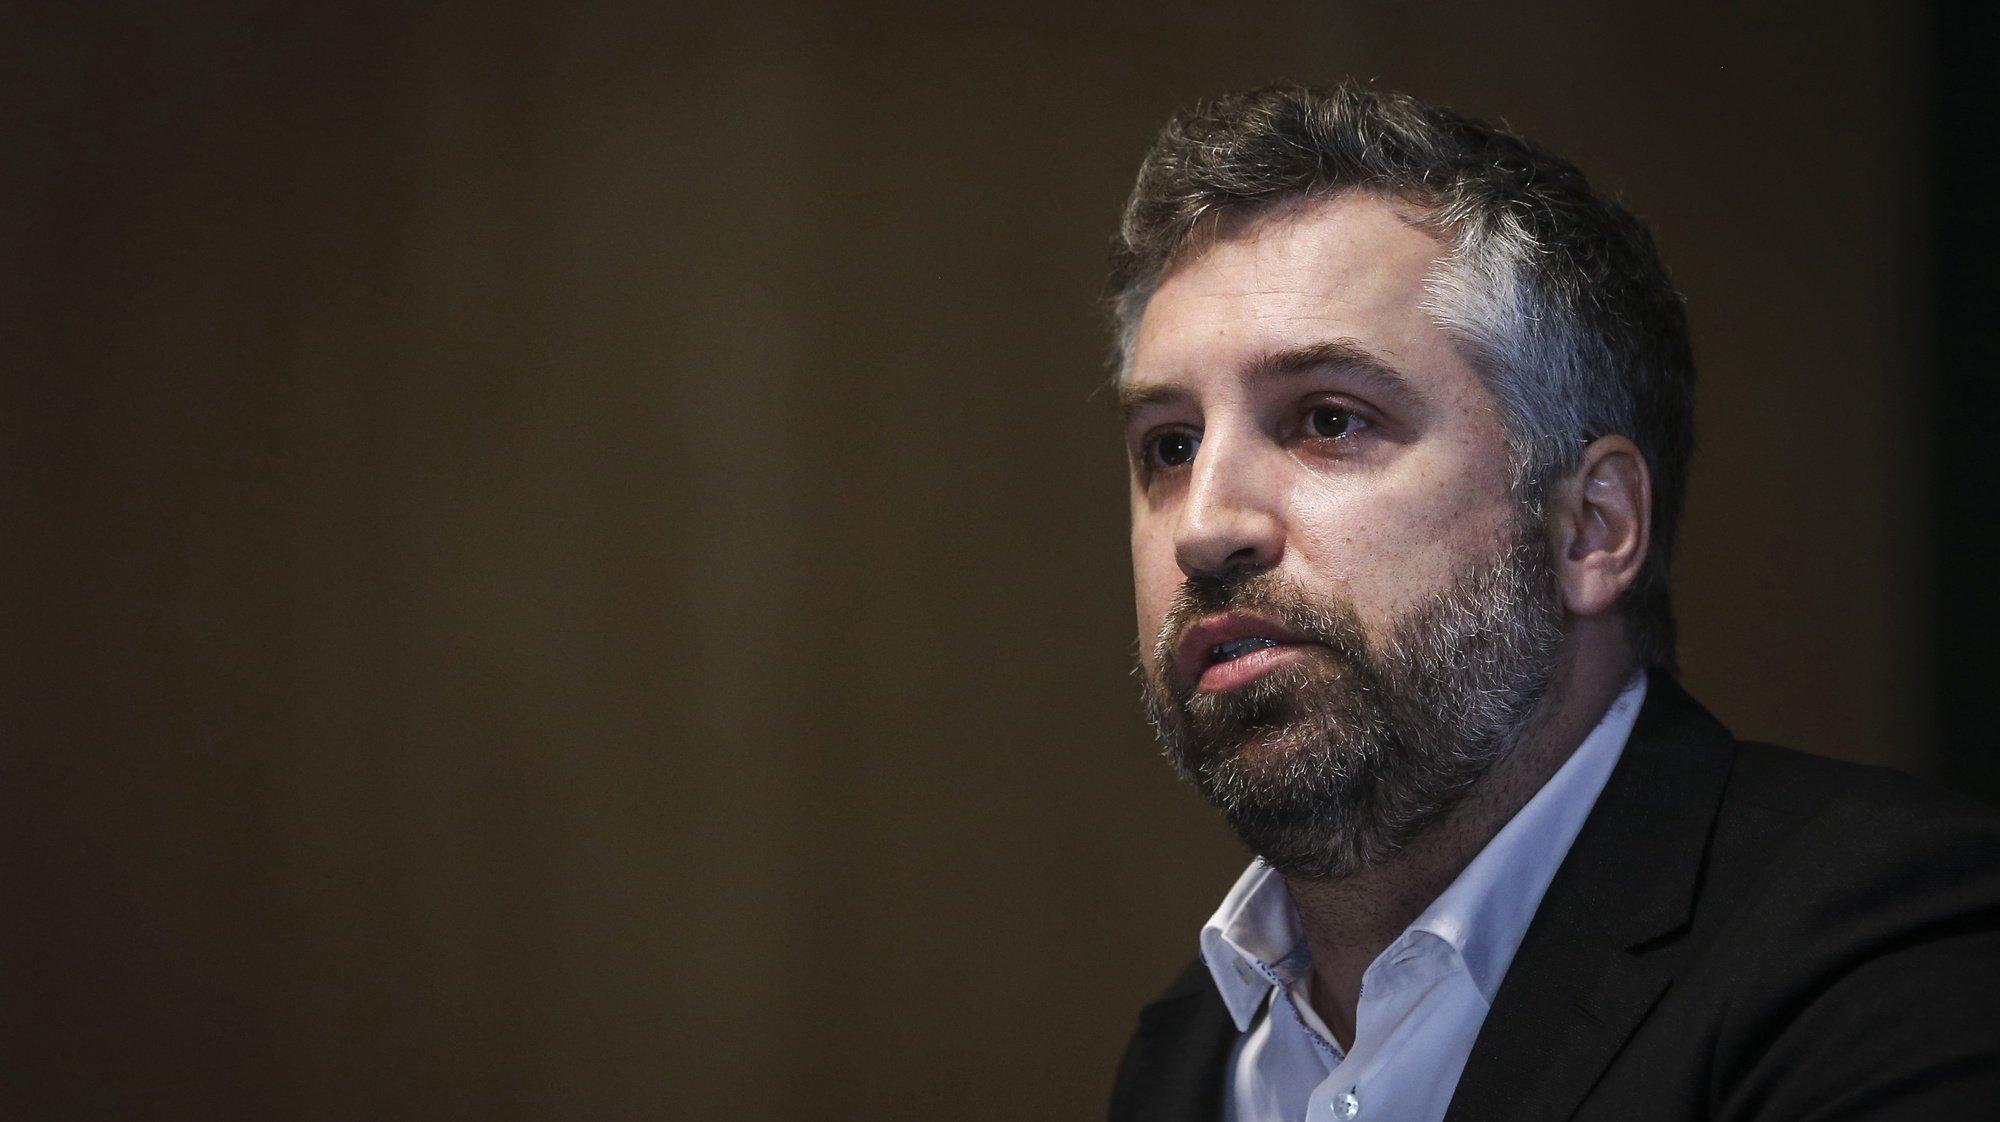 O ministro das Infraestruturas da Habitação, Pedro Nuno Santos, discursa no encerramento da apresentação do plano ferroviário nacional, no Laboratório Nacional de Engenharia Civil, em Lisboa, 19 de abril de 2021. RODRIGO ANTUNES/LUSA